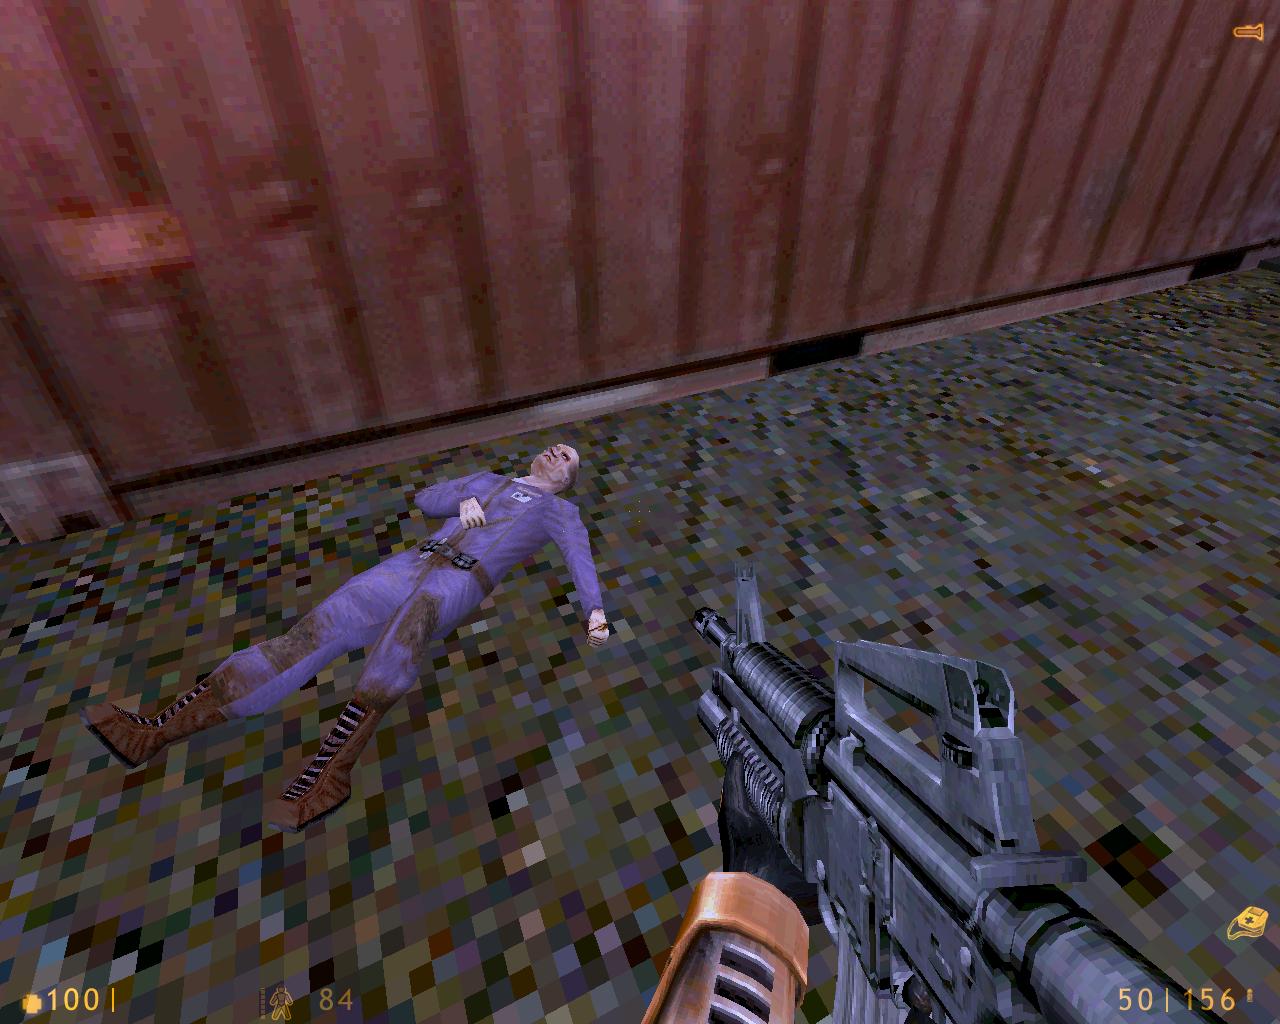 pcsm5d0133.png - Half-Life